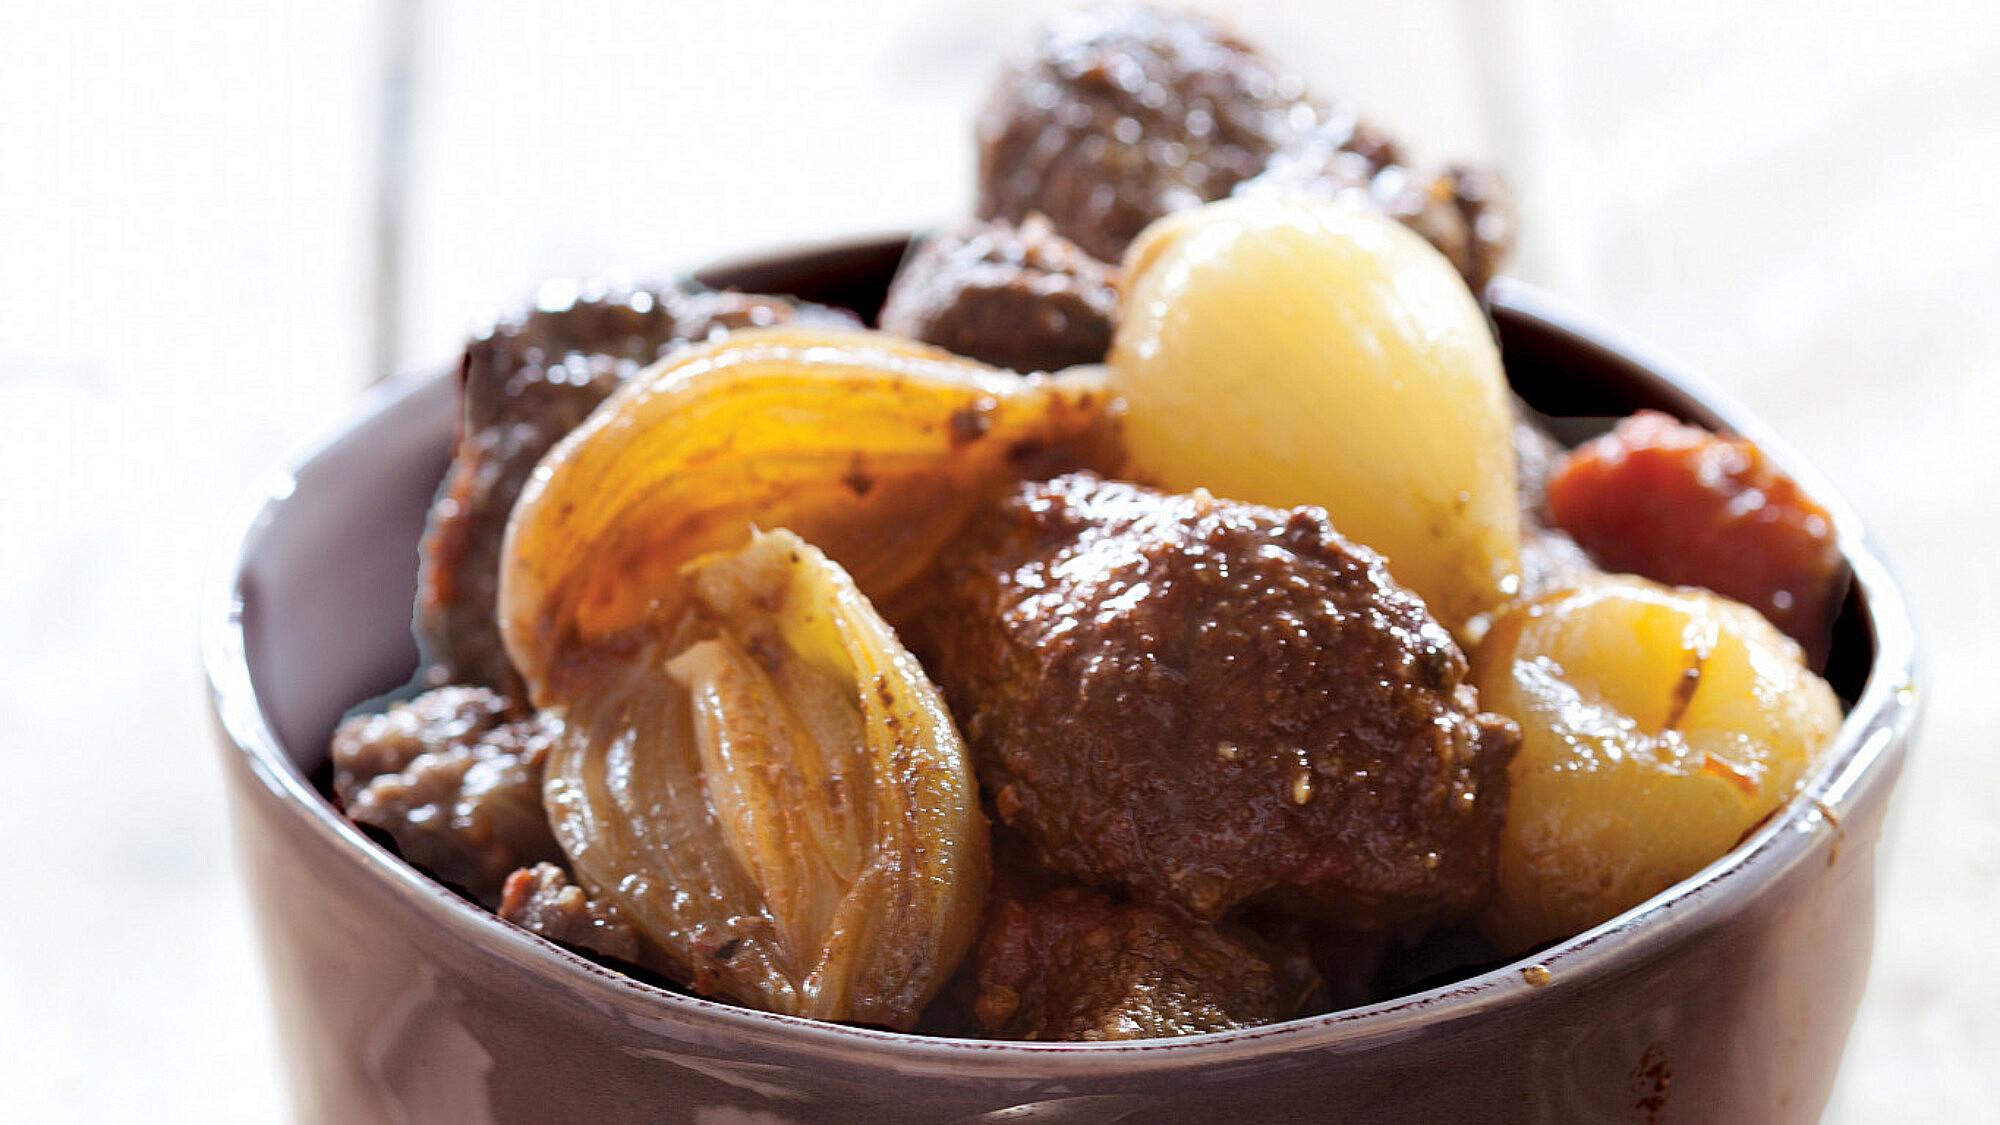 צלי בקר מהמטבח היווני (סטיפאדו) של אורלי פלאי־ברונשטיין. סטיילינג: טליה אסיף (צילום: דן לב)